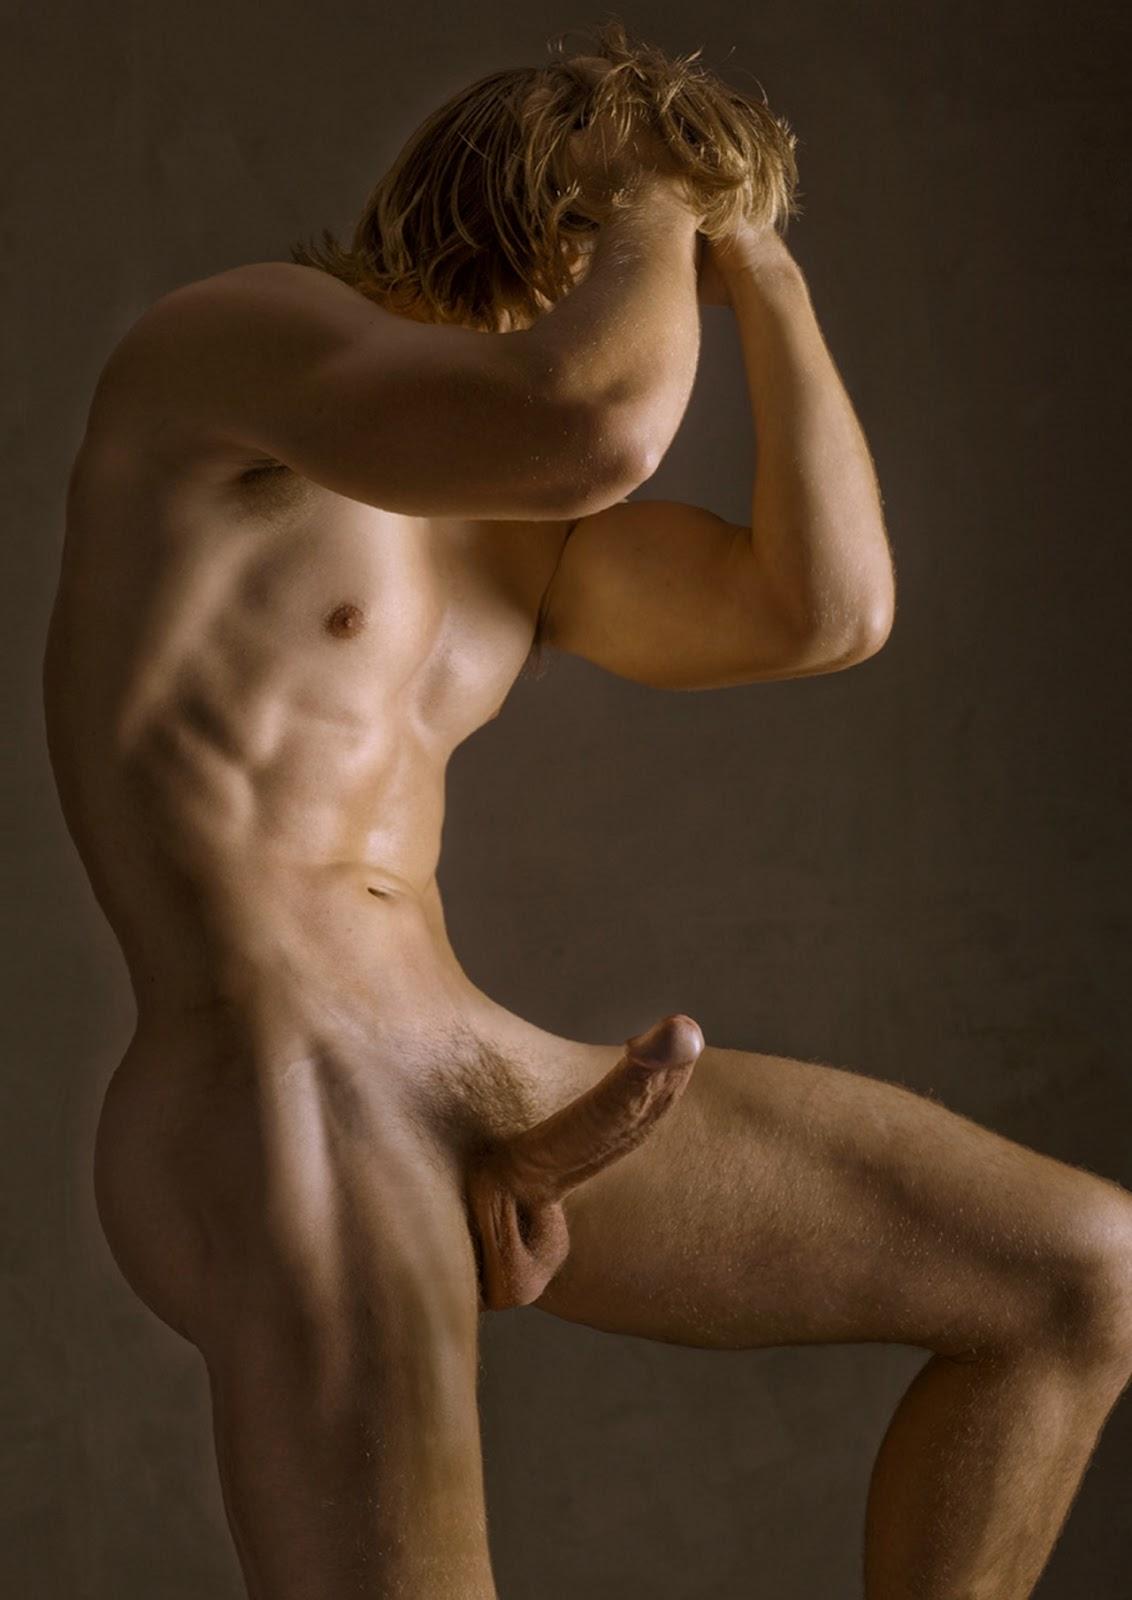 эротика картинки парни члены